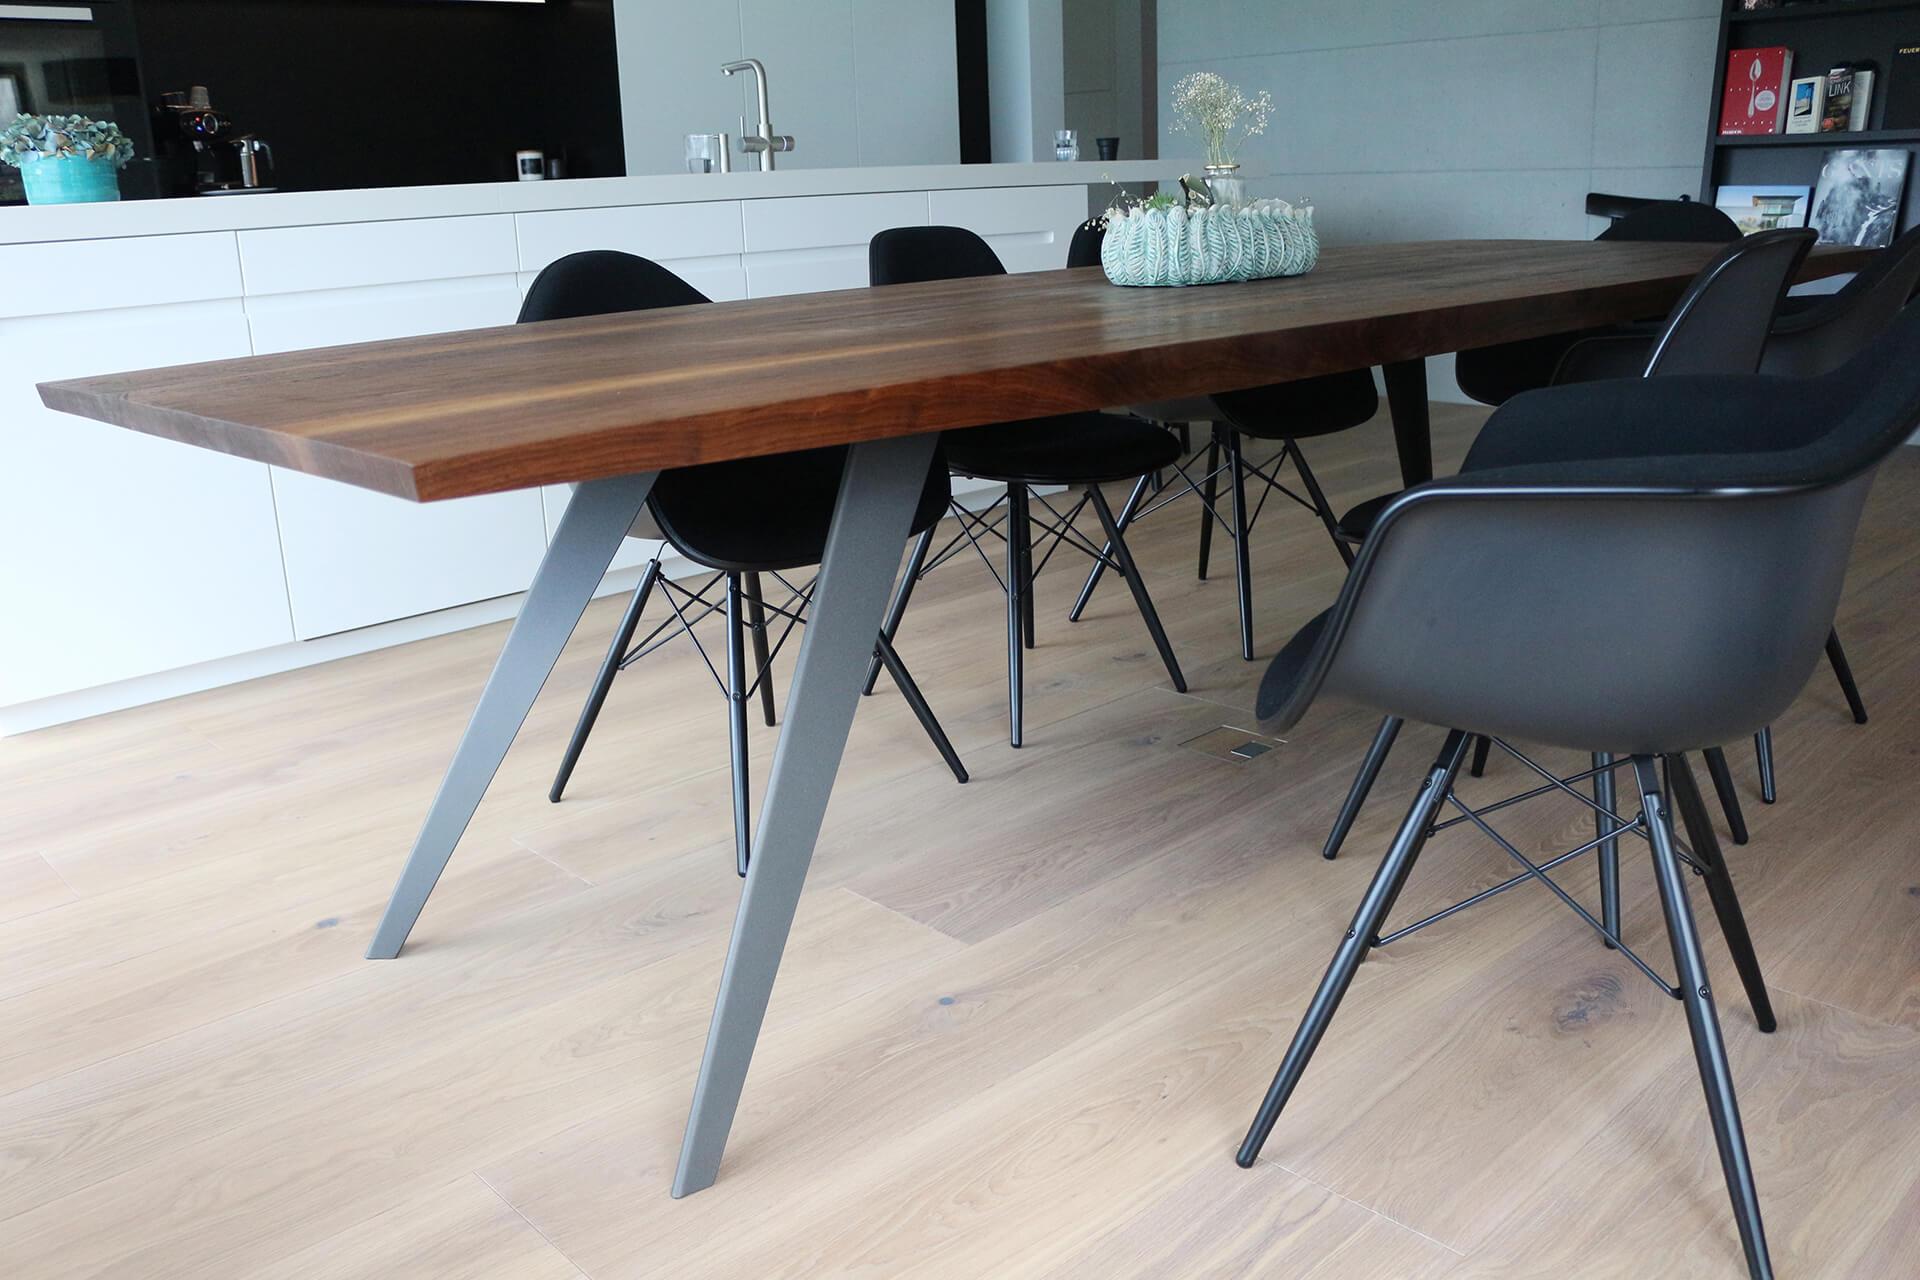 Dekorierter Tisch Flyer, kombiniert mit modernen Stühlen.